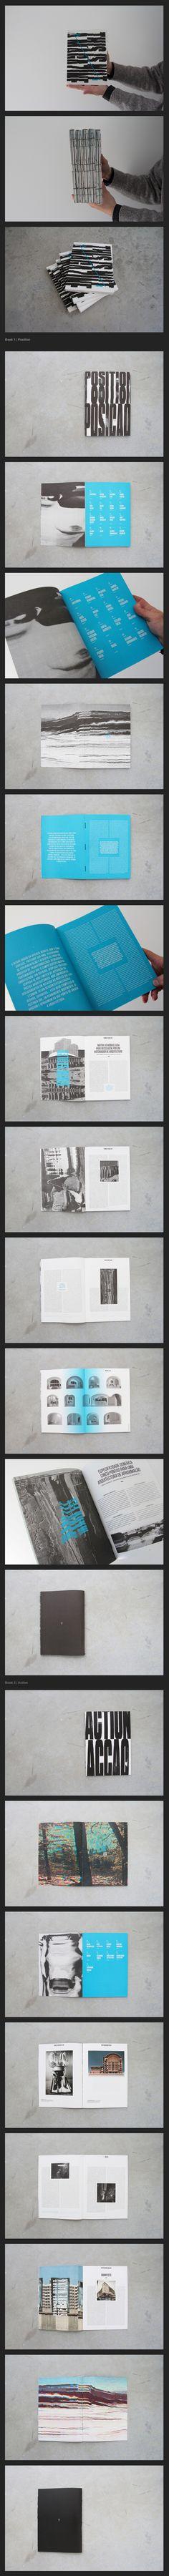 http://www.behance.net/gallery/Ddalo-Mag/6580587